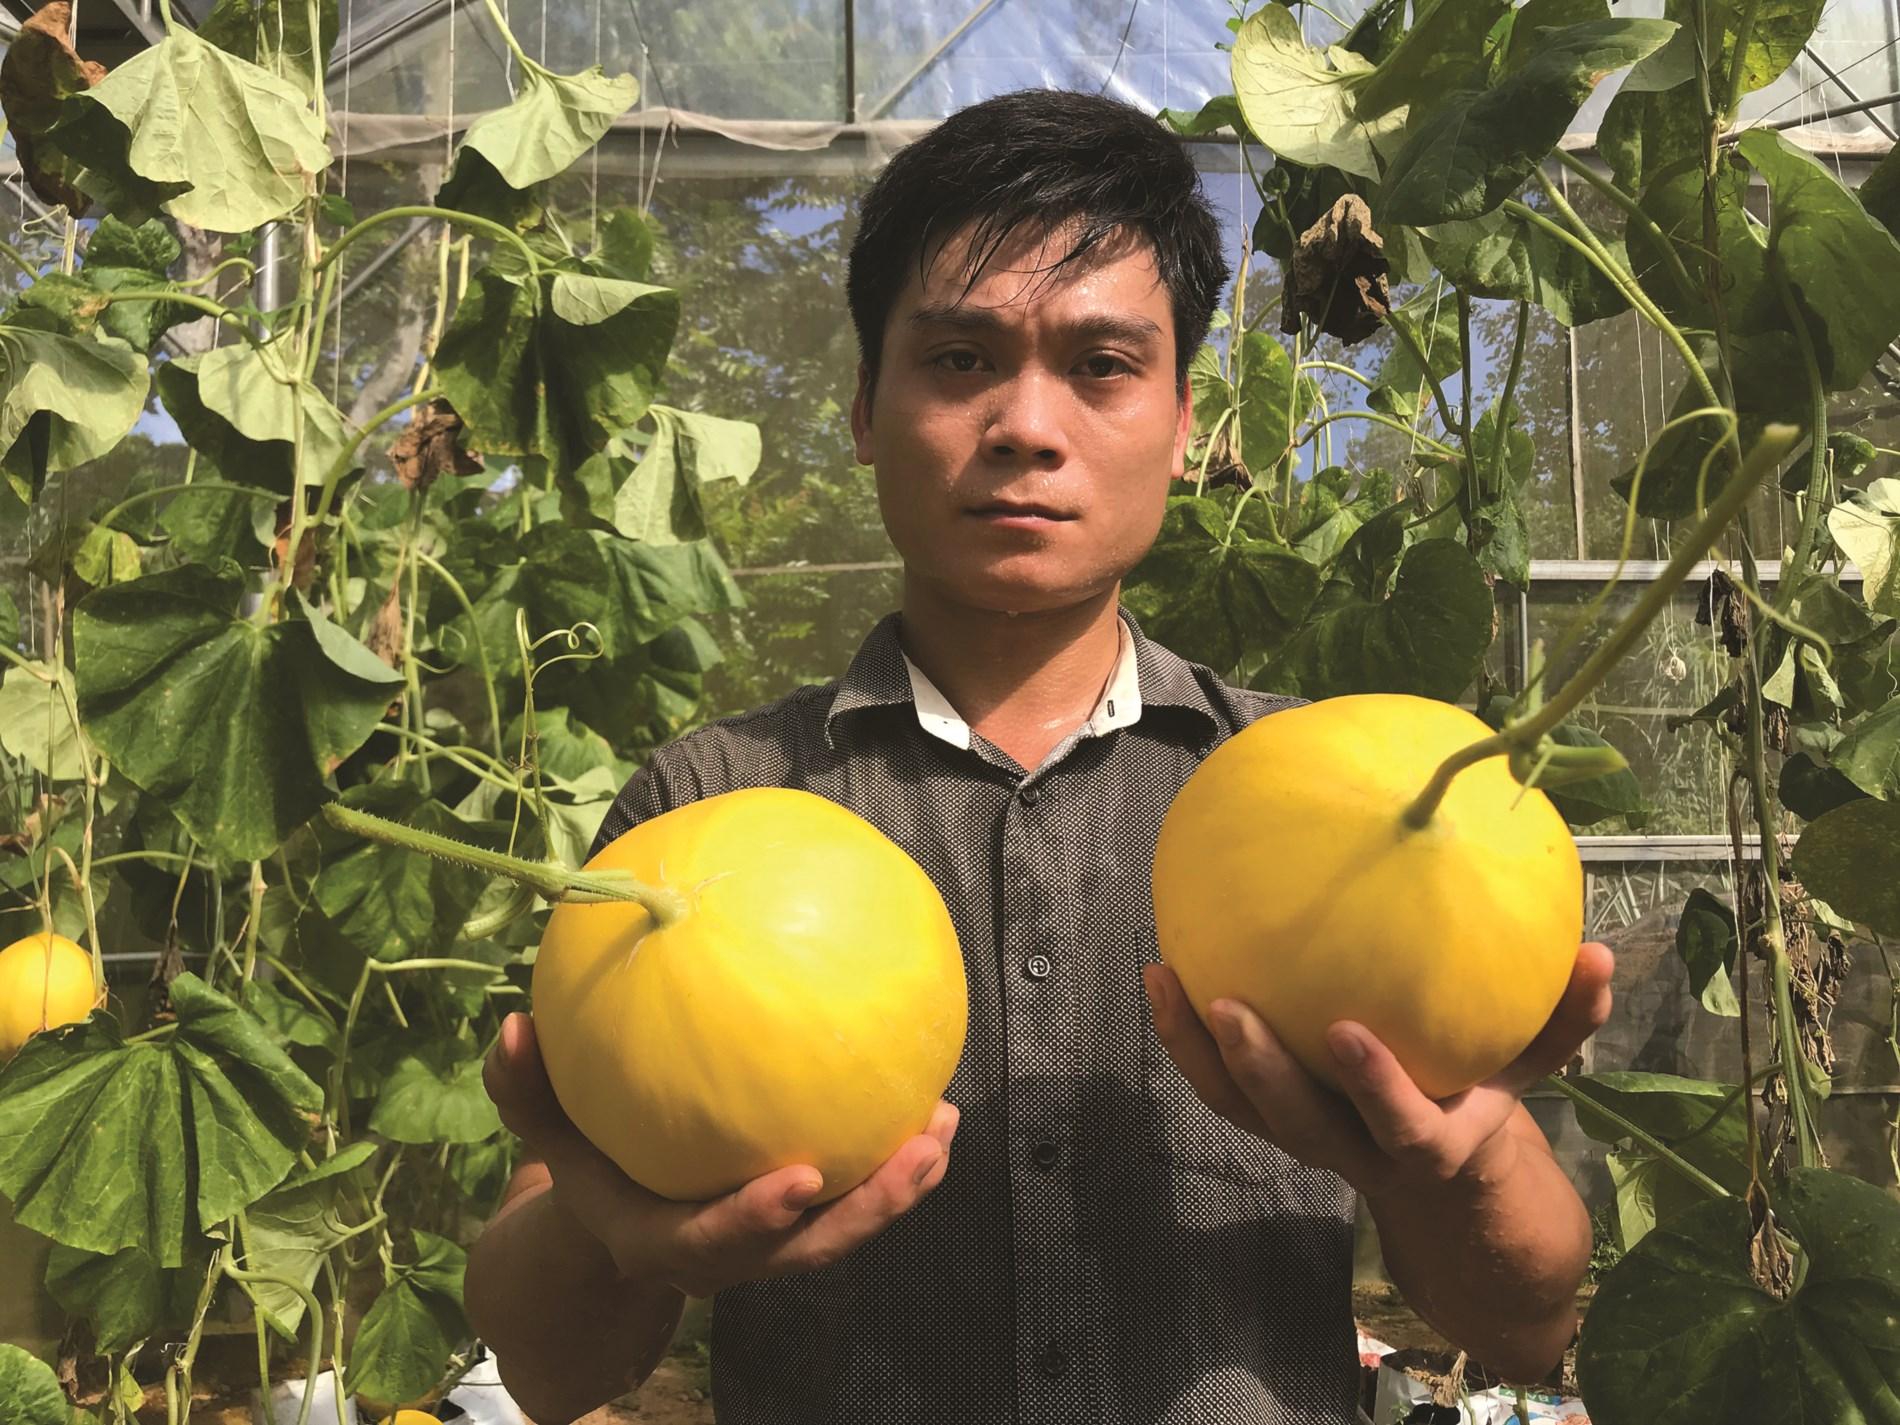 Mô hình trồng dưa ở thôn Xuân Lập mang lại hiệu quả kinh tế cao.